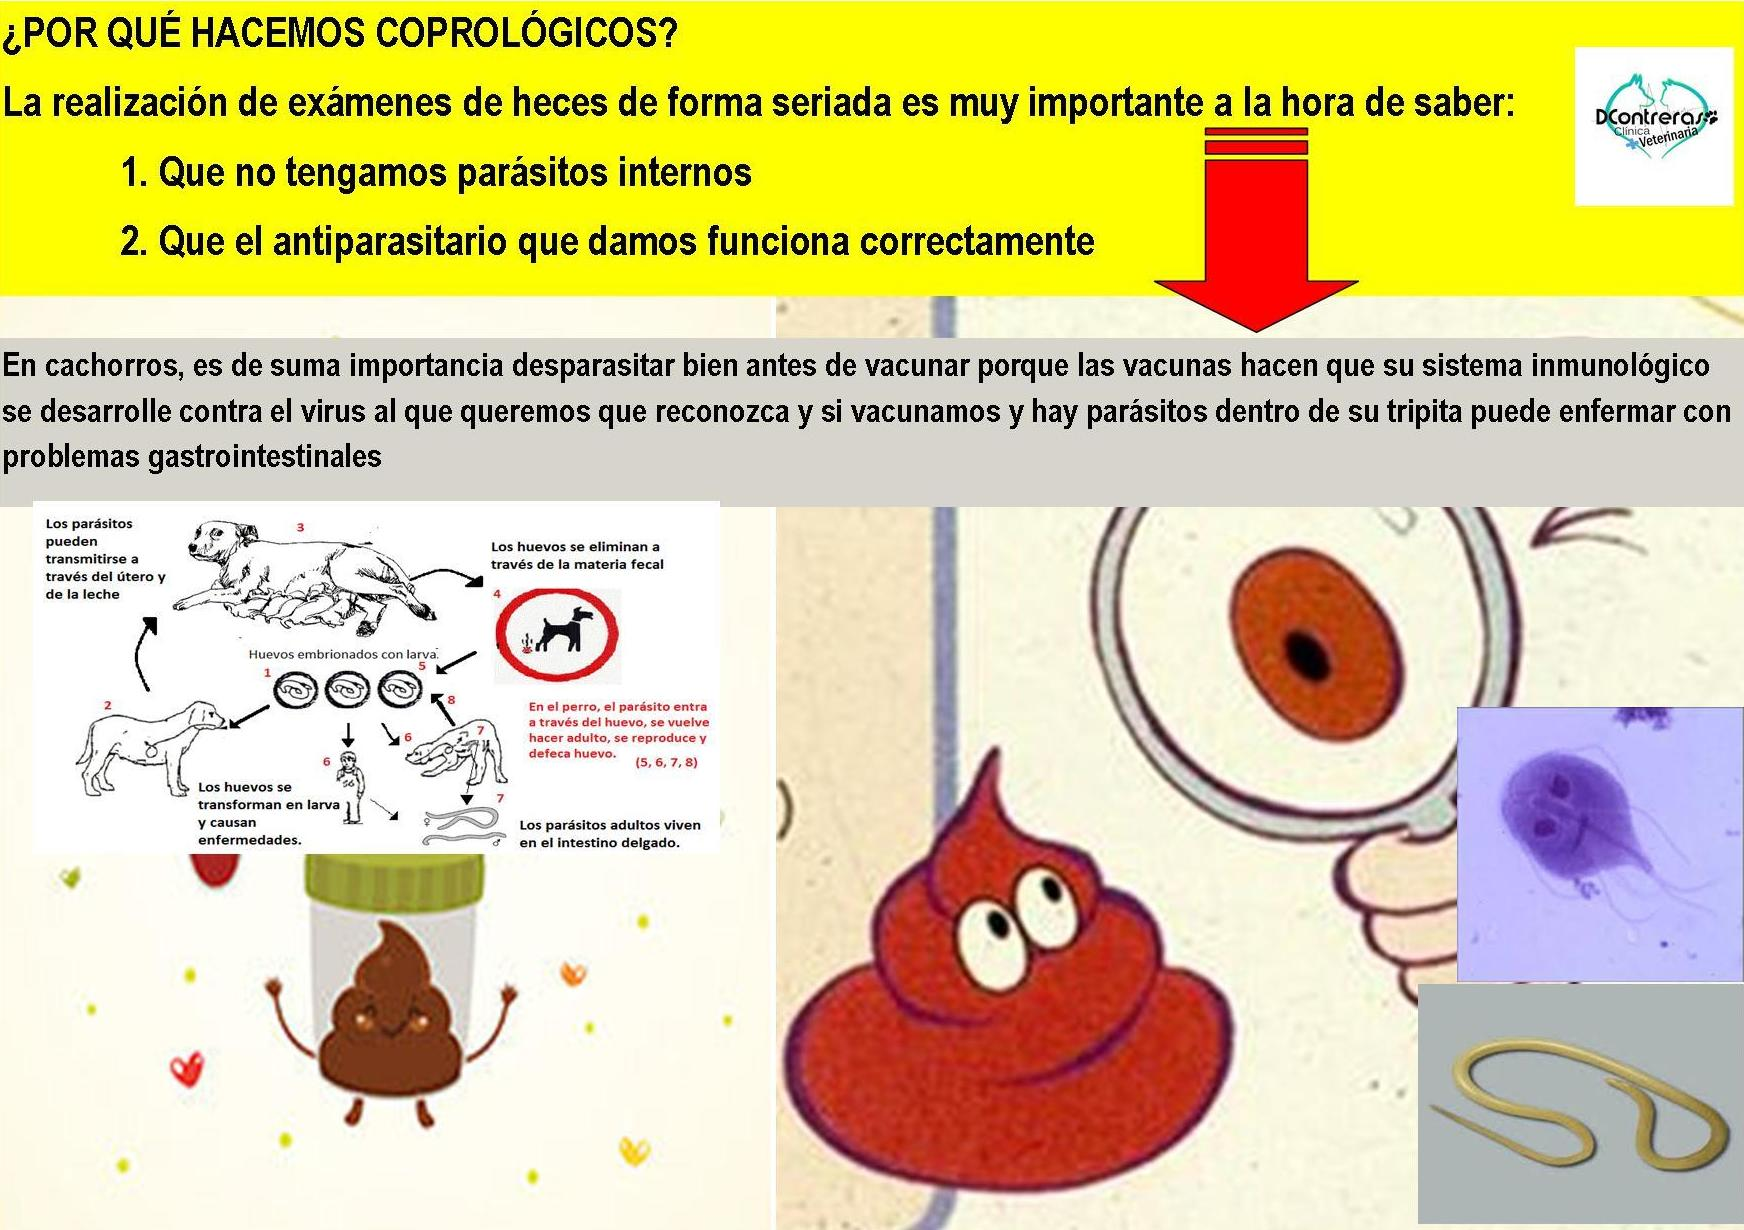 Clinica veterinaria en Vallecas: explicamos porqué se hacen coprológicos